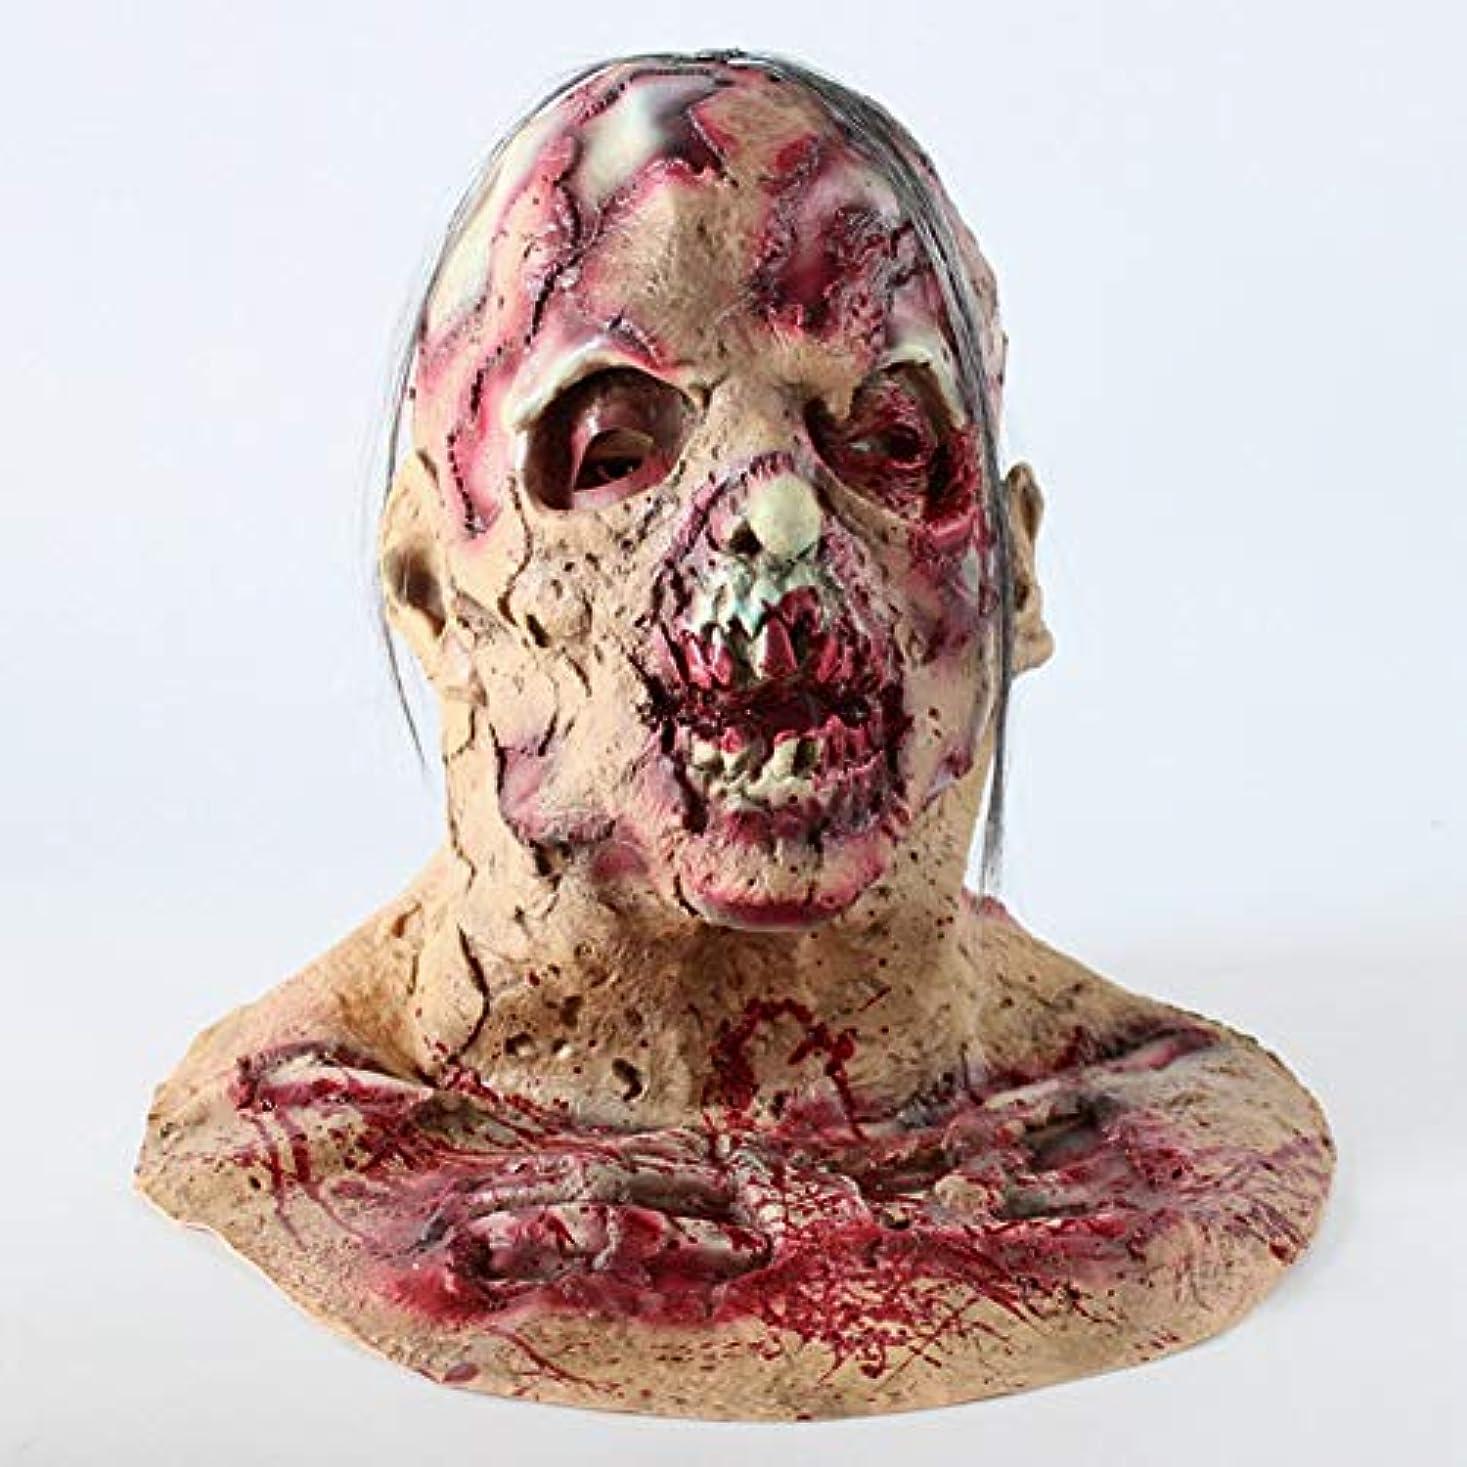 レプリカ論文州ハロウィーンホラーマスク、嫌なゾンビマスク、バイオハザードヘッドマスク、パーティー仮装ラテックスマスク